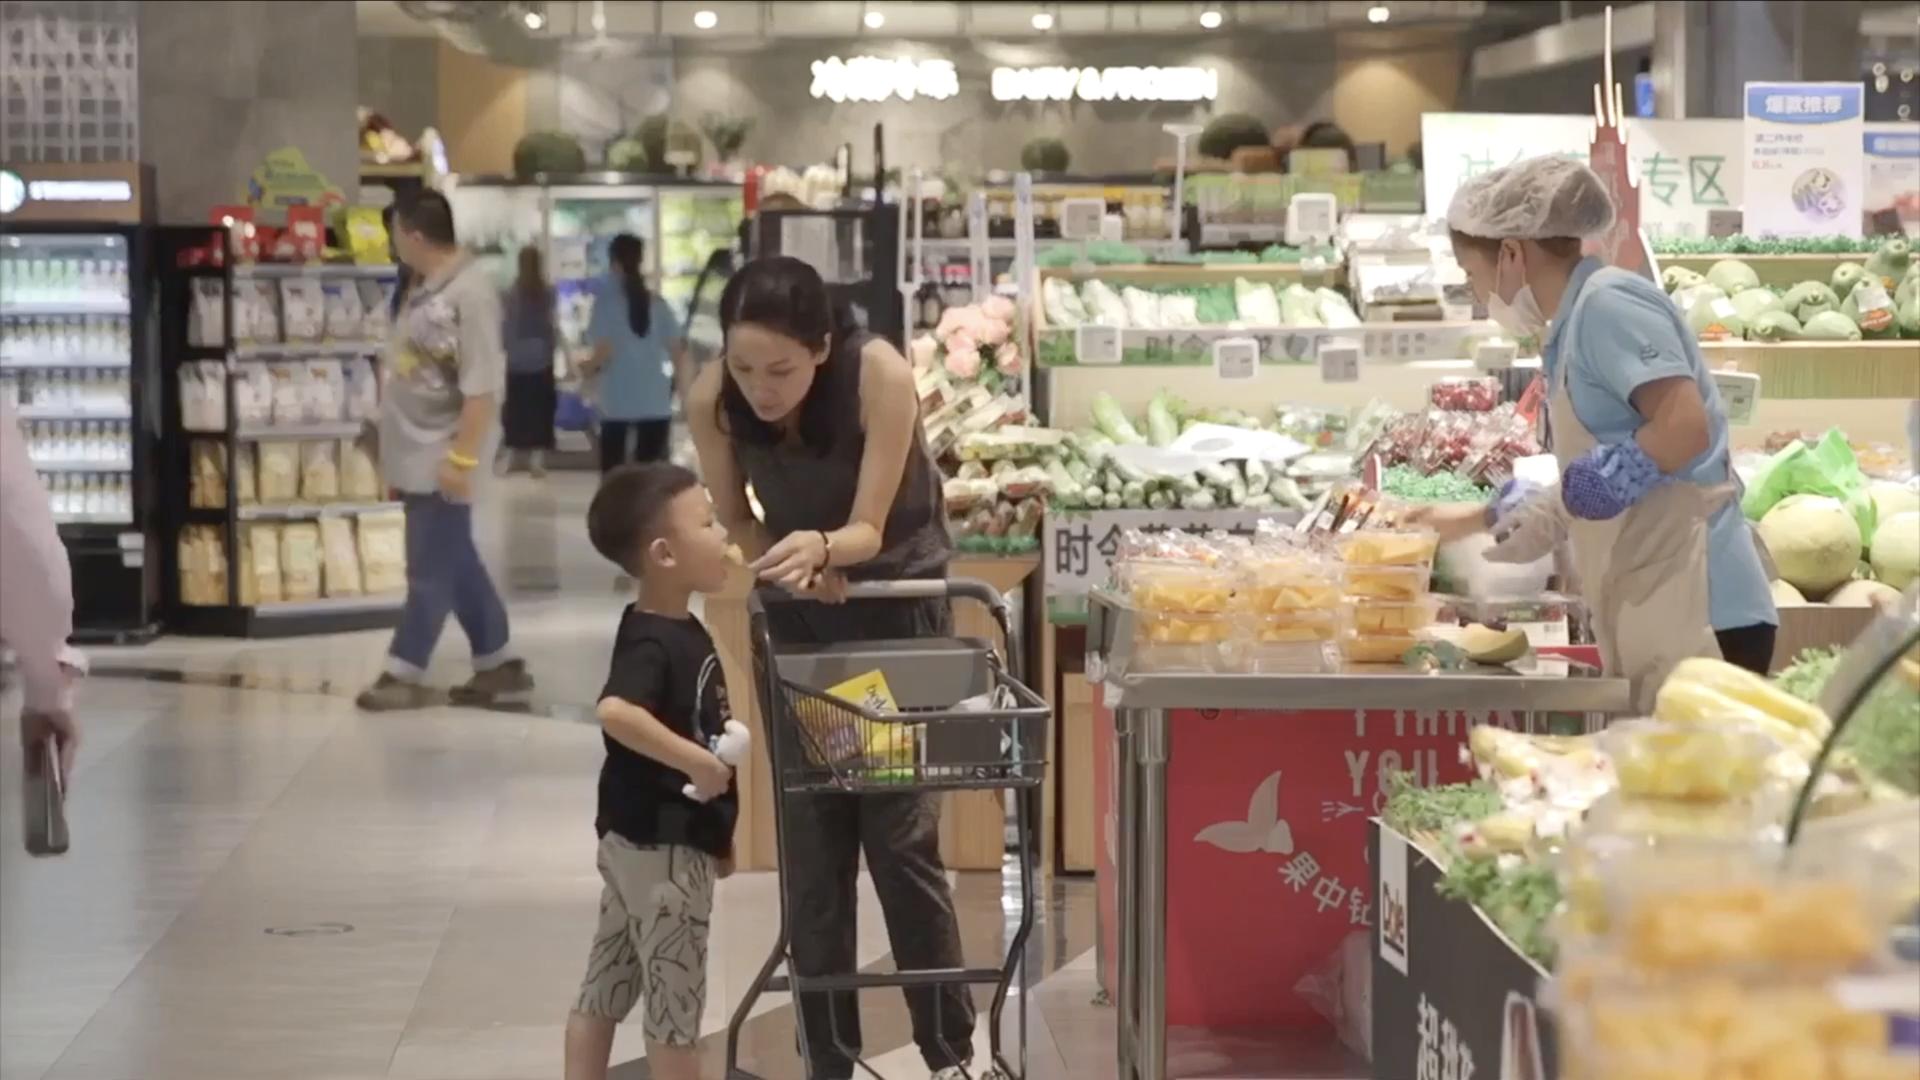 Hema: De supermarkt opnieuw uitgevonden